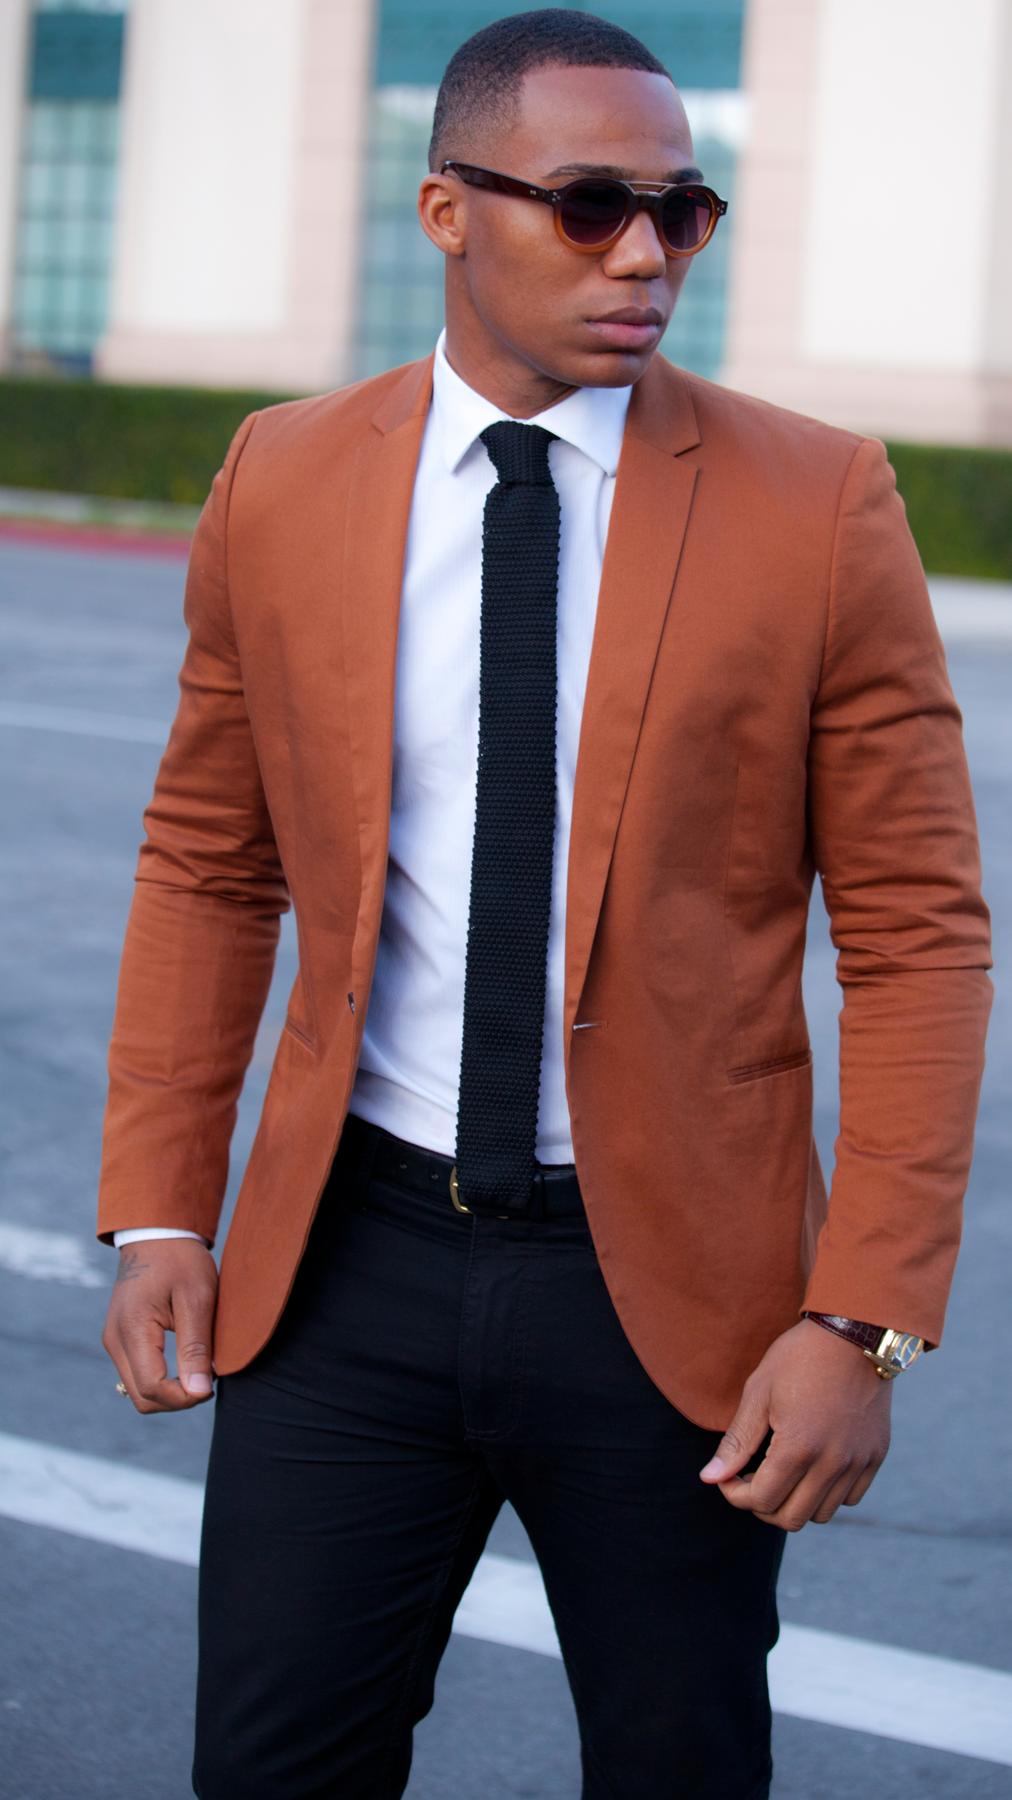 Men's Tobacco Blazer, White Dress Shirt, Navy Chinos, Navy Tie ...